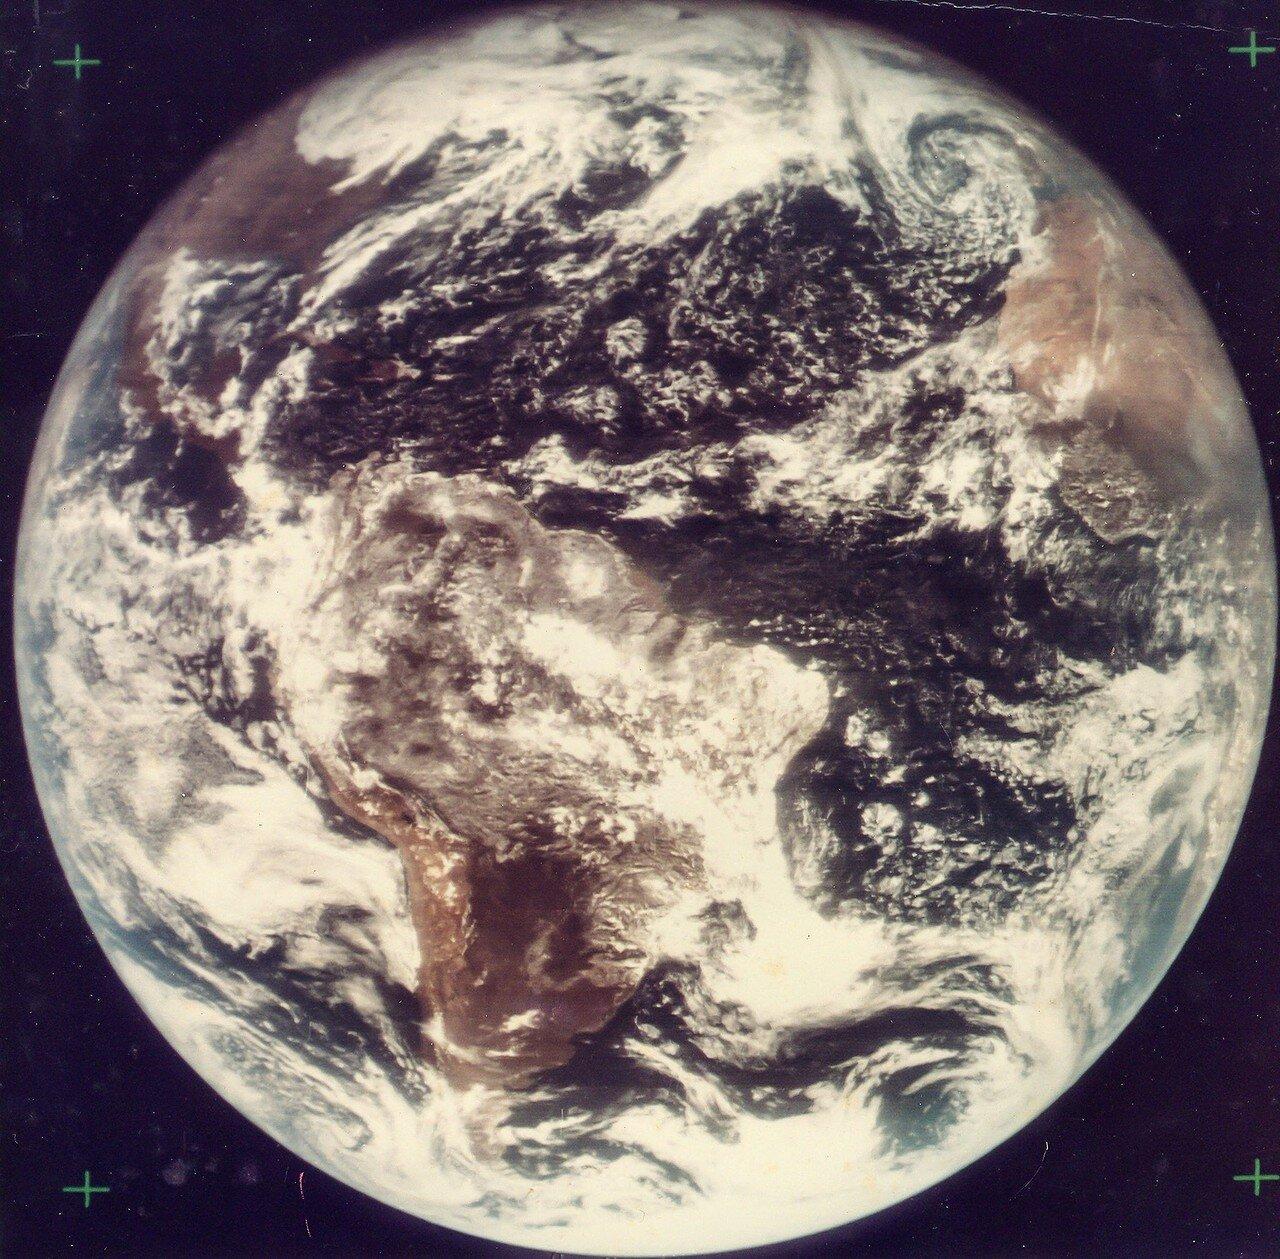 1967, 18 ноября. Первая  высокого качества цветная фотография полной Земля, сделанная автоматической станцией АТС III